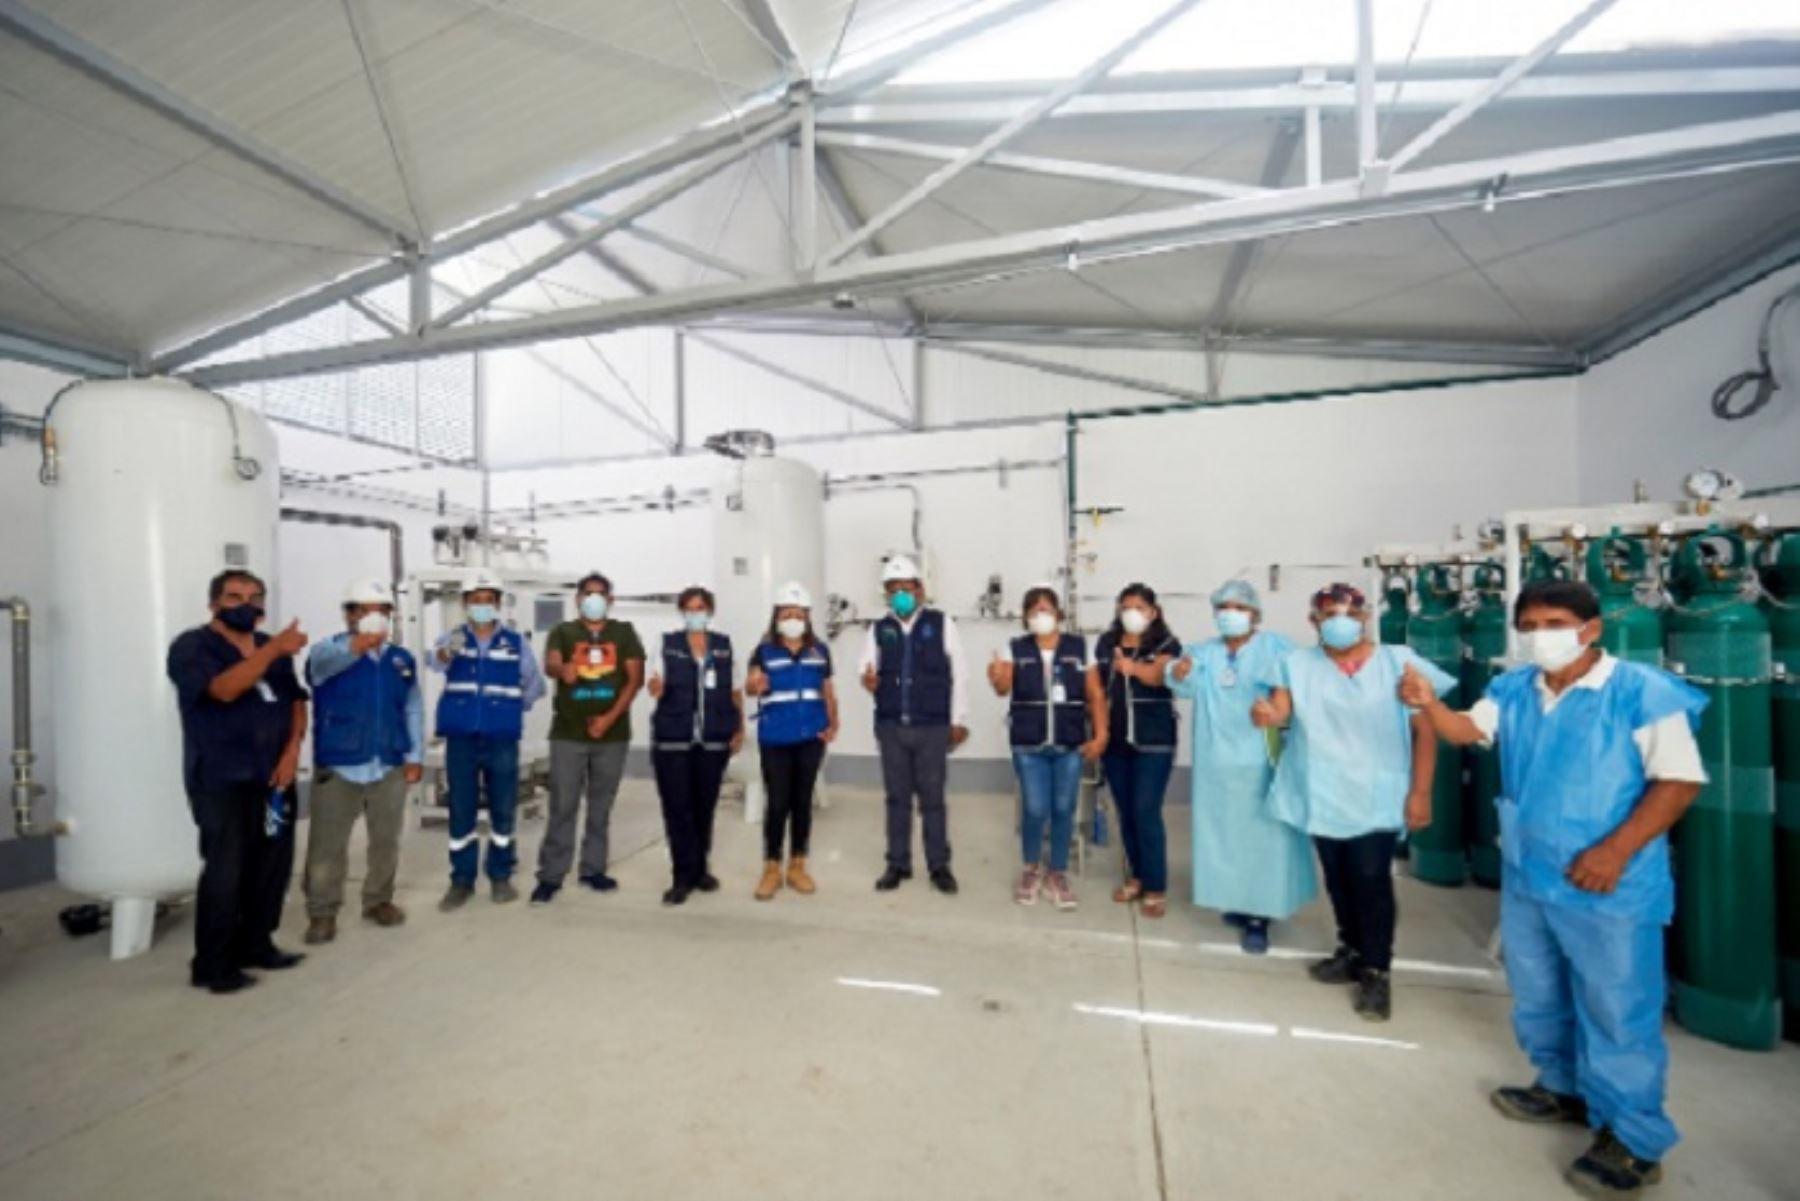 La planta generadora de oxígeno del Hospital San José de Chincha implementada gracias al proyecto Oxigena 47.